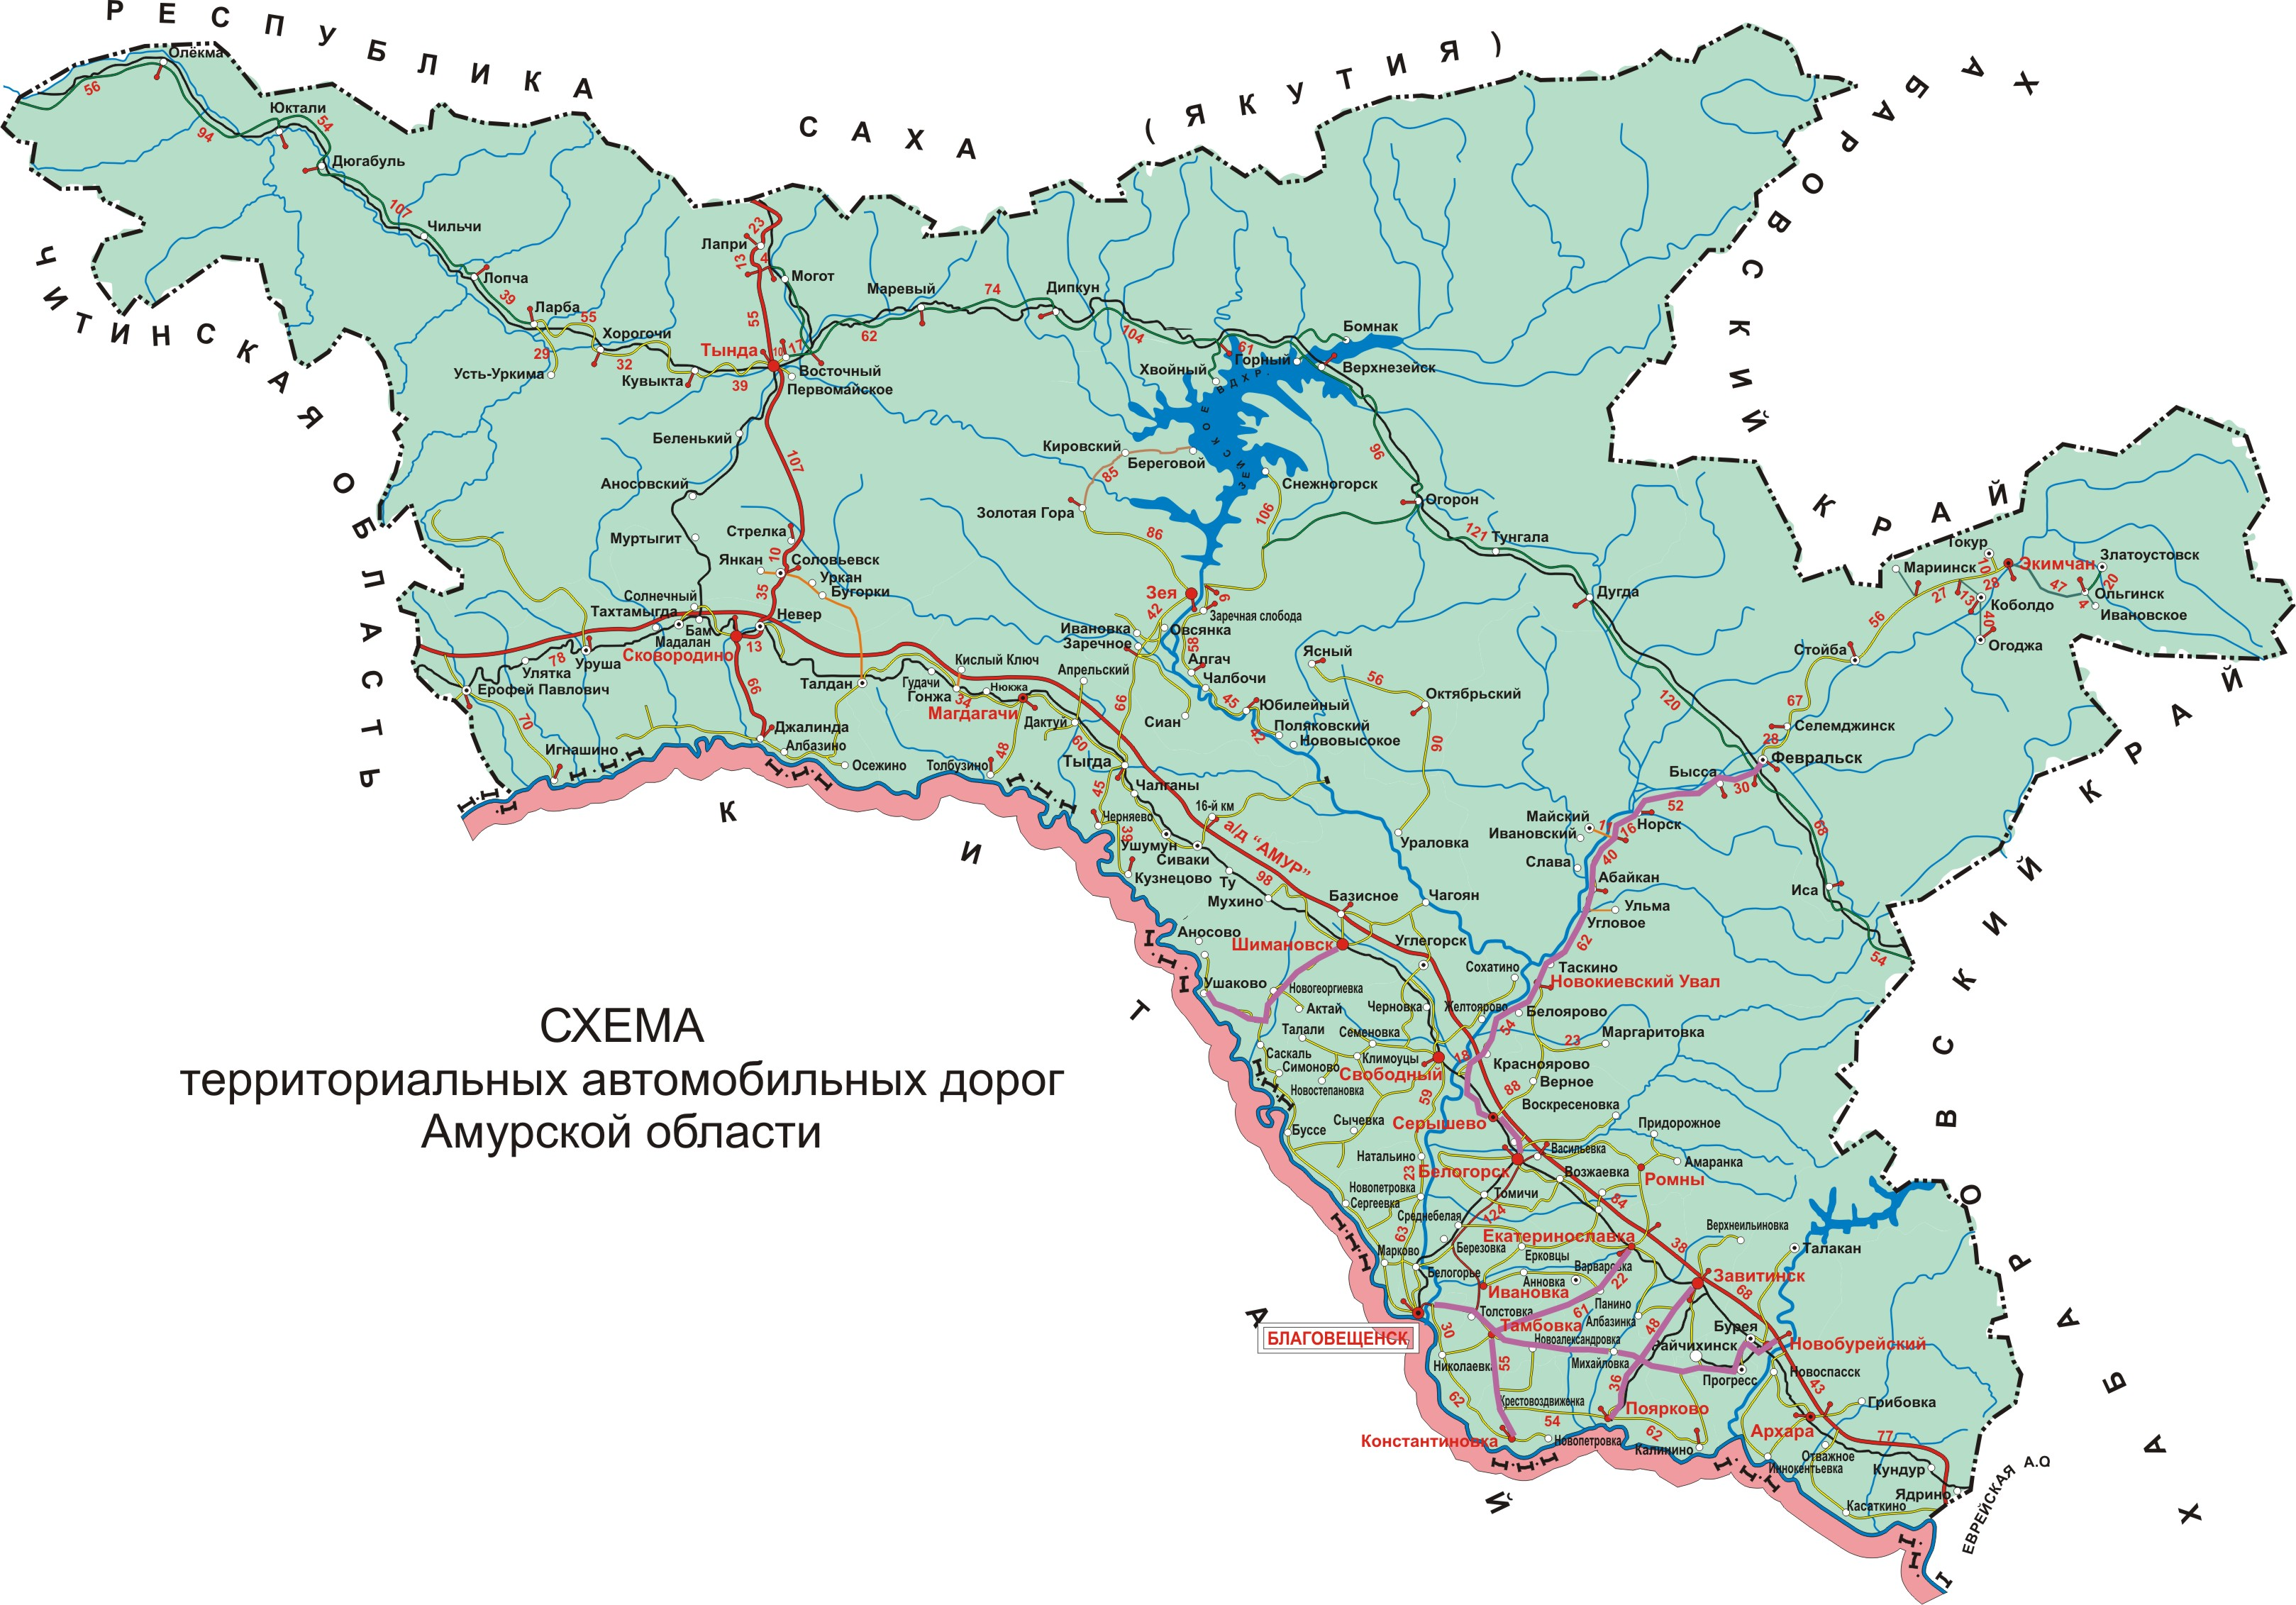 Карта городов и дорог Амурской области.